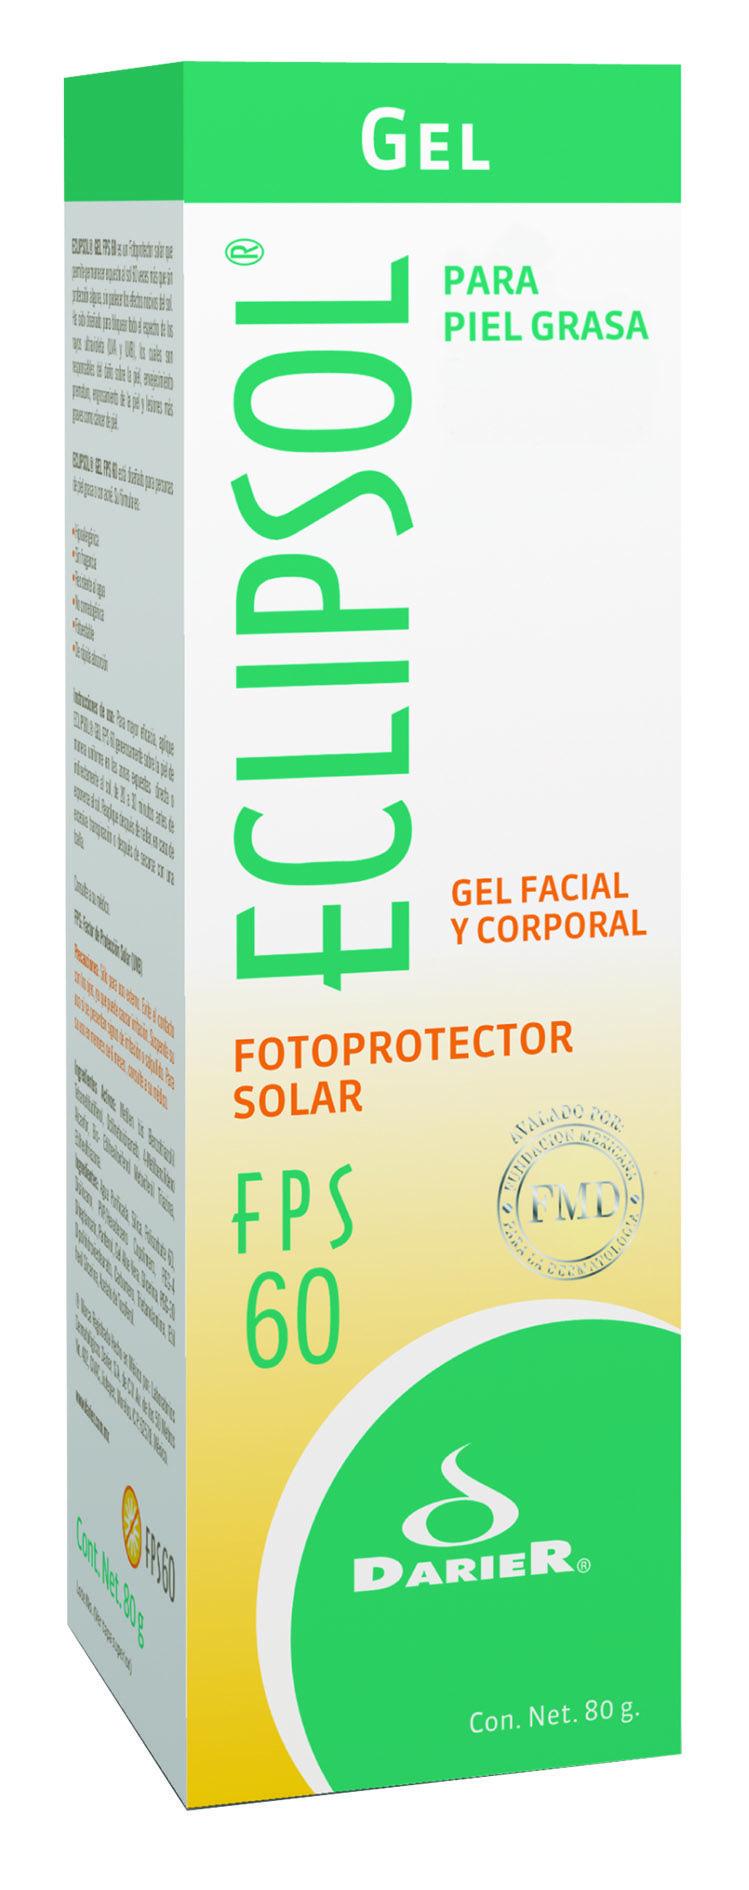 Protector solar en Gel, especializado para pieles sensibles como en el rostro.